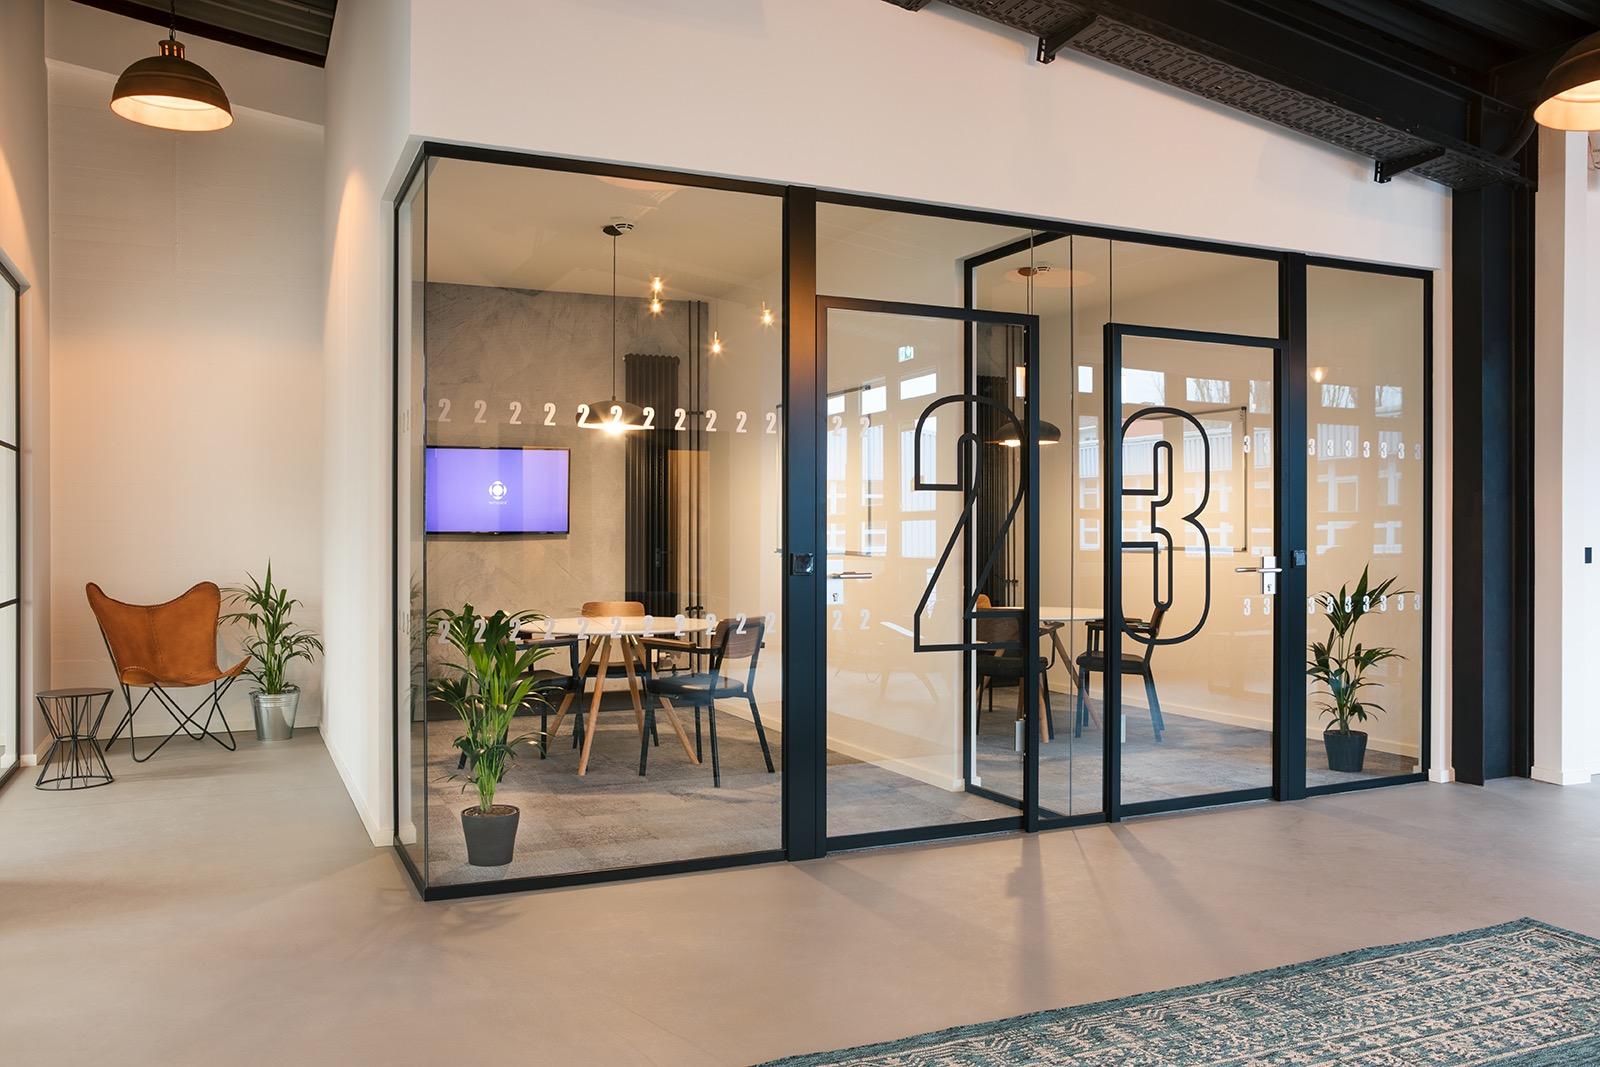 techspace-office-berlin-11